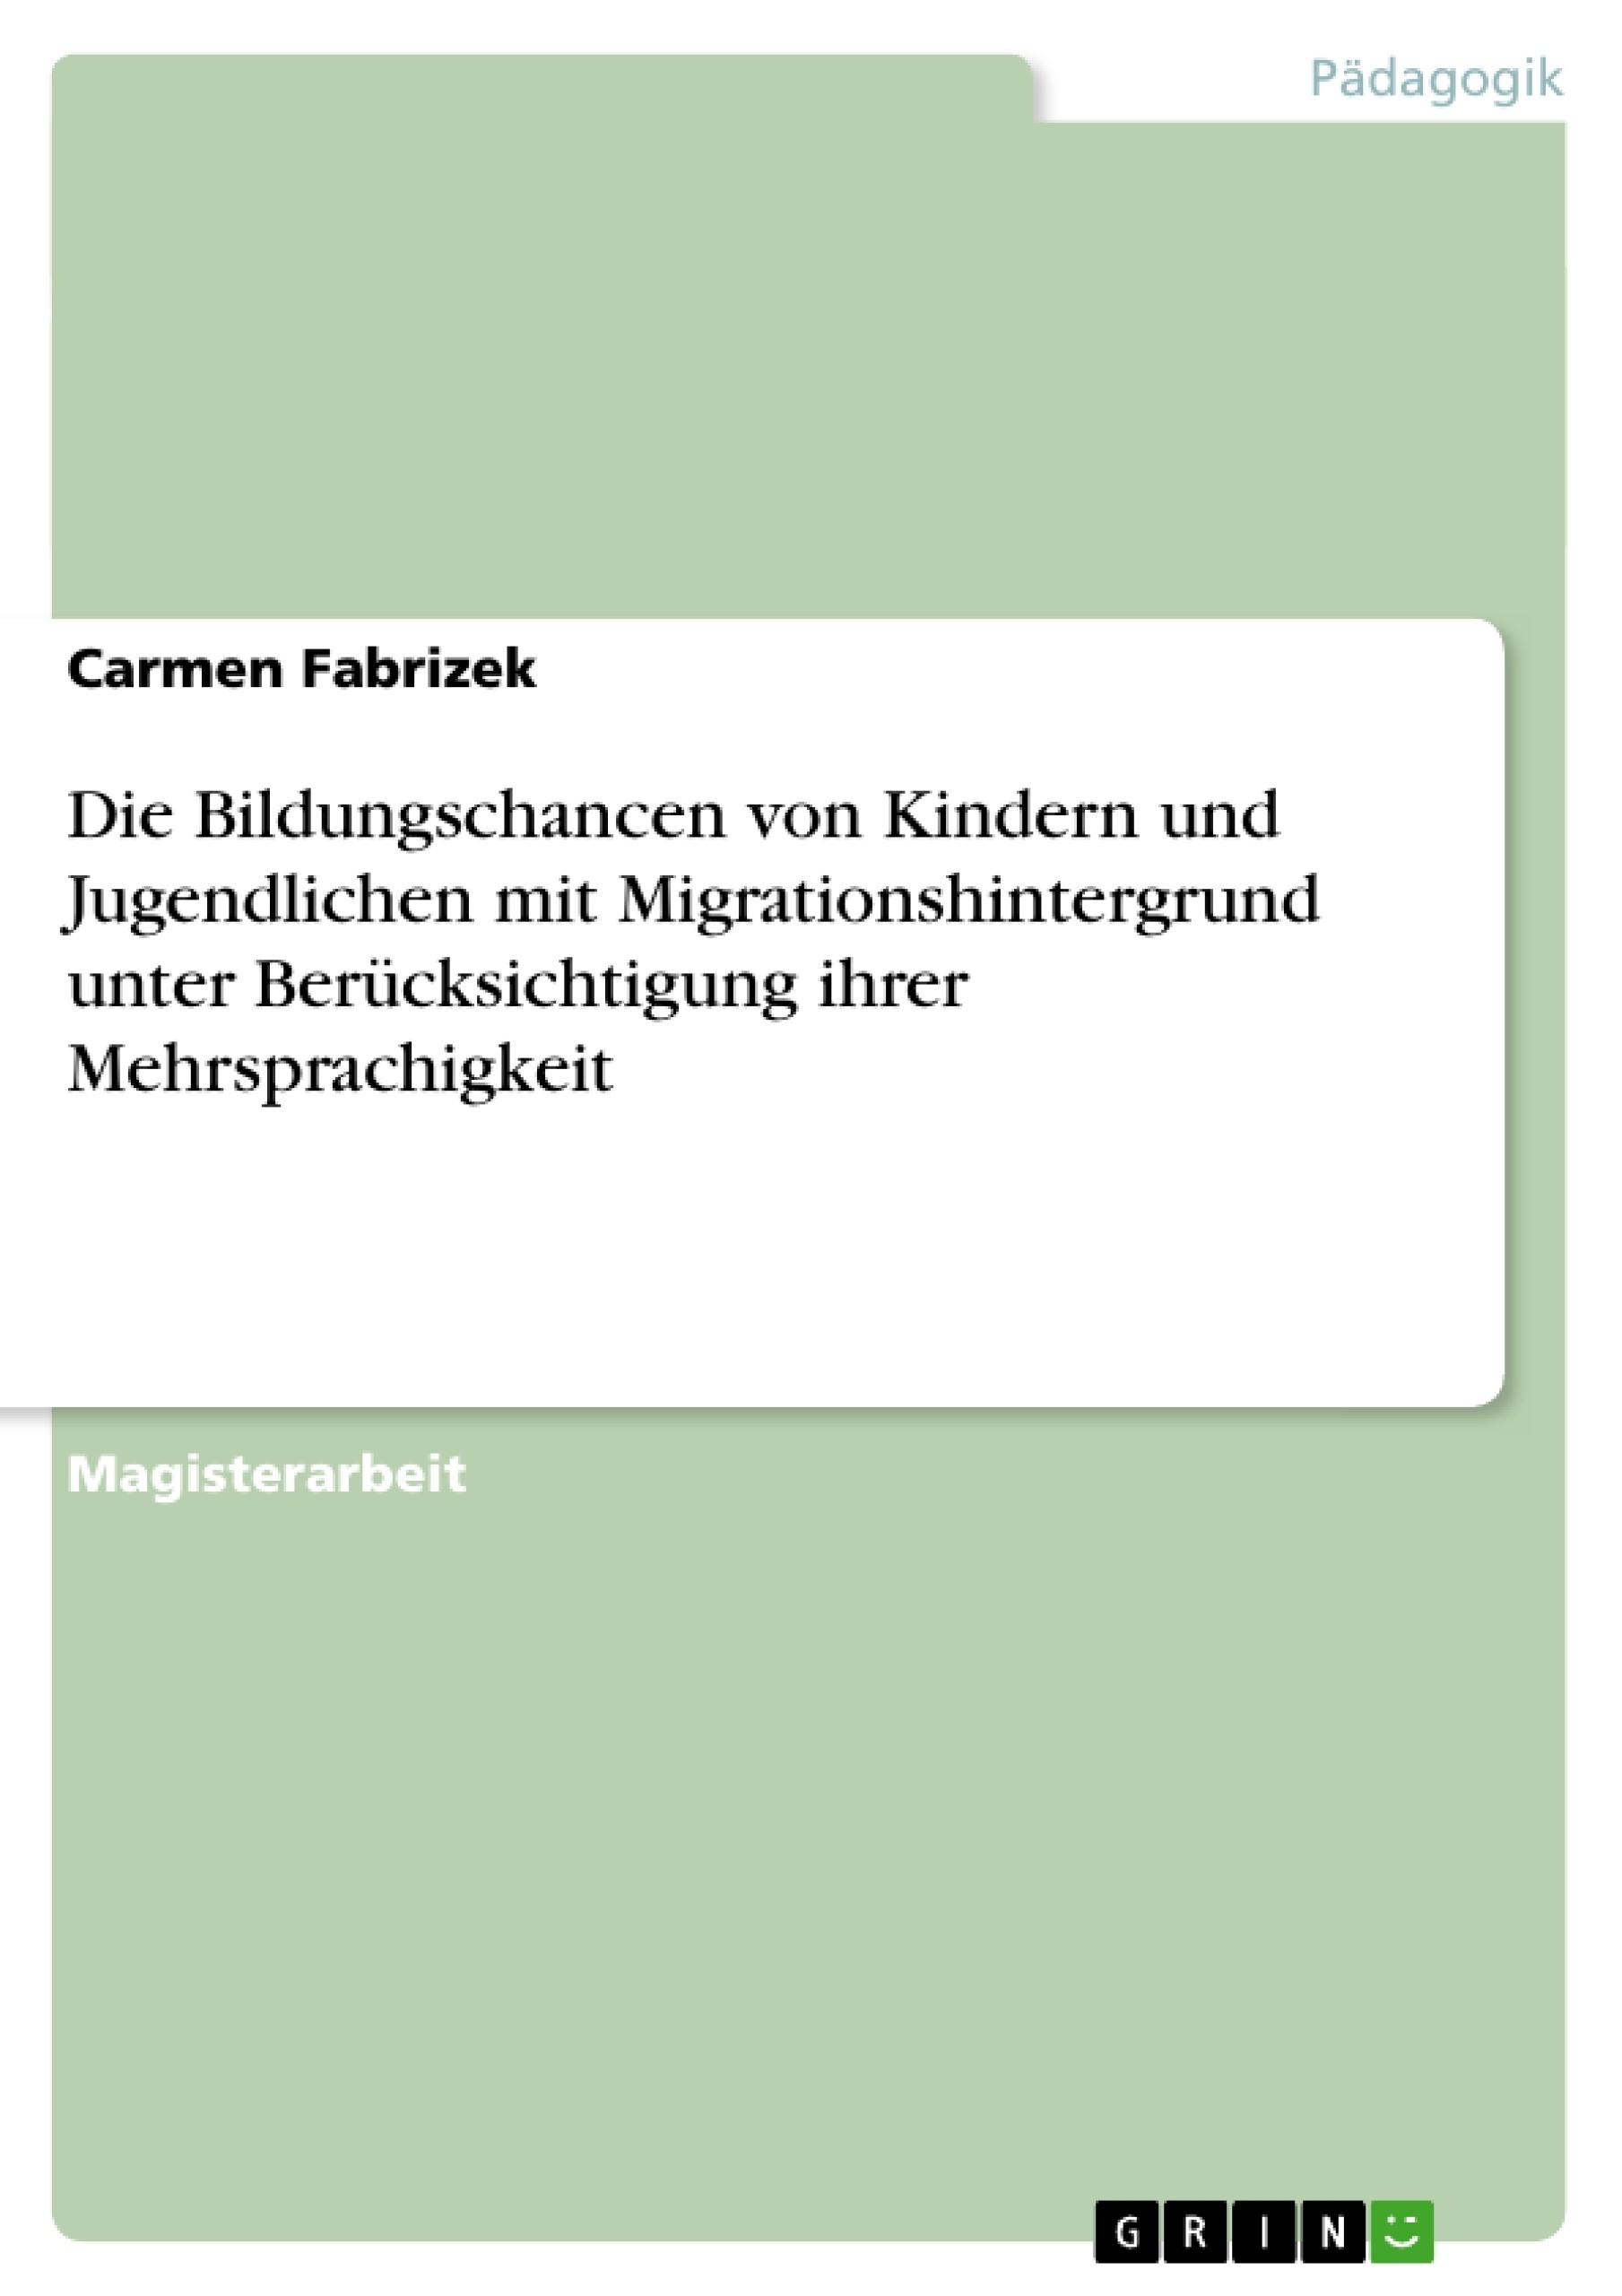 Titel: Die Bildungschancen von Kindern und Jugendlichen mit Migrationshintergrund unter Berücksichtigung ihrer Mehrsprachigkeit